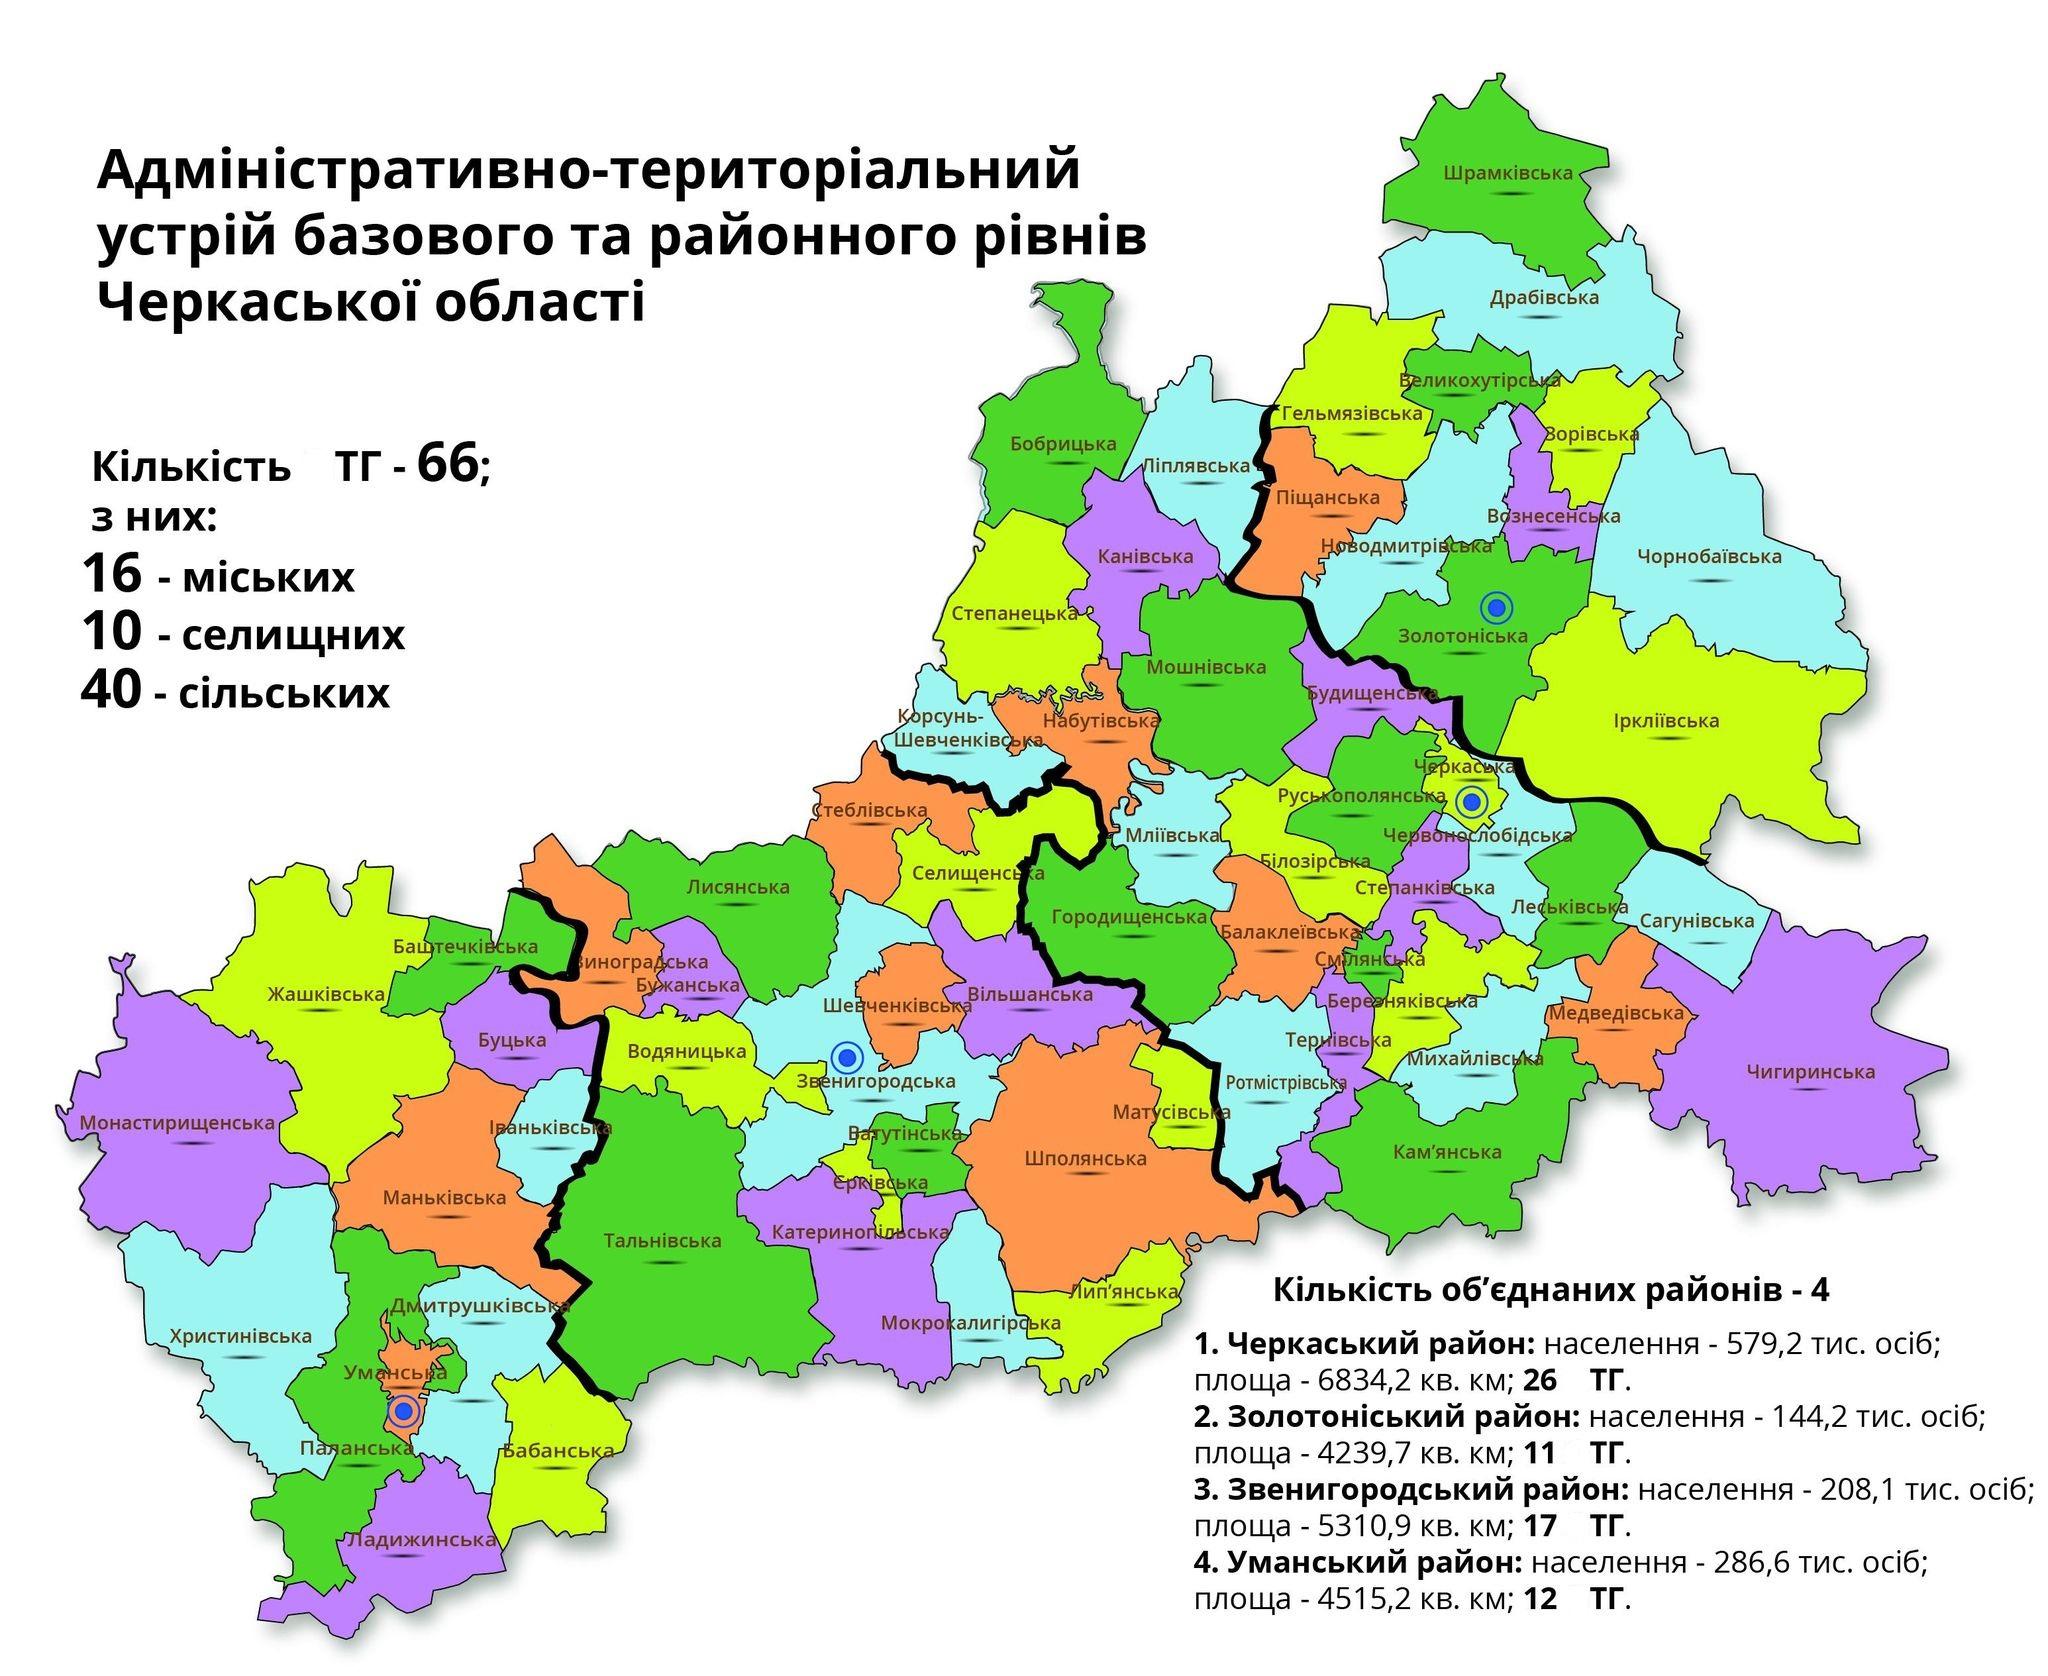 Черкащина має один із найкращих показників передачі майна із районного рівня в ОТГ (карта)